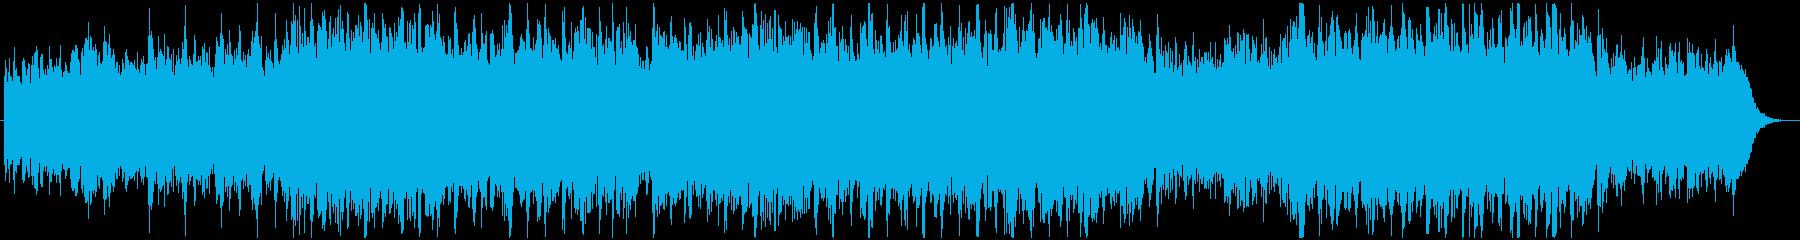 現代的 交響曲 プログレッシブ フ...の再生済みの波形